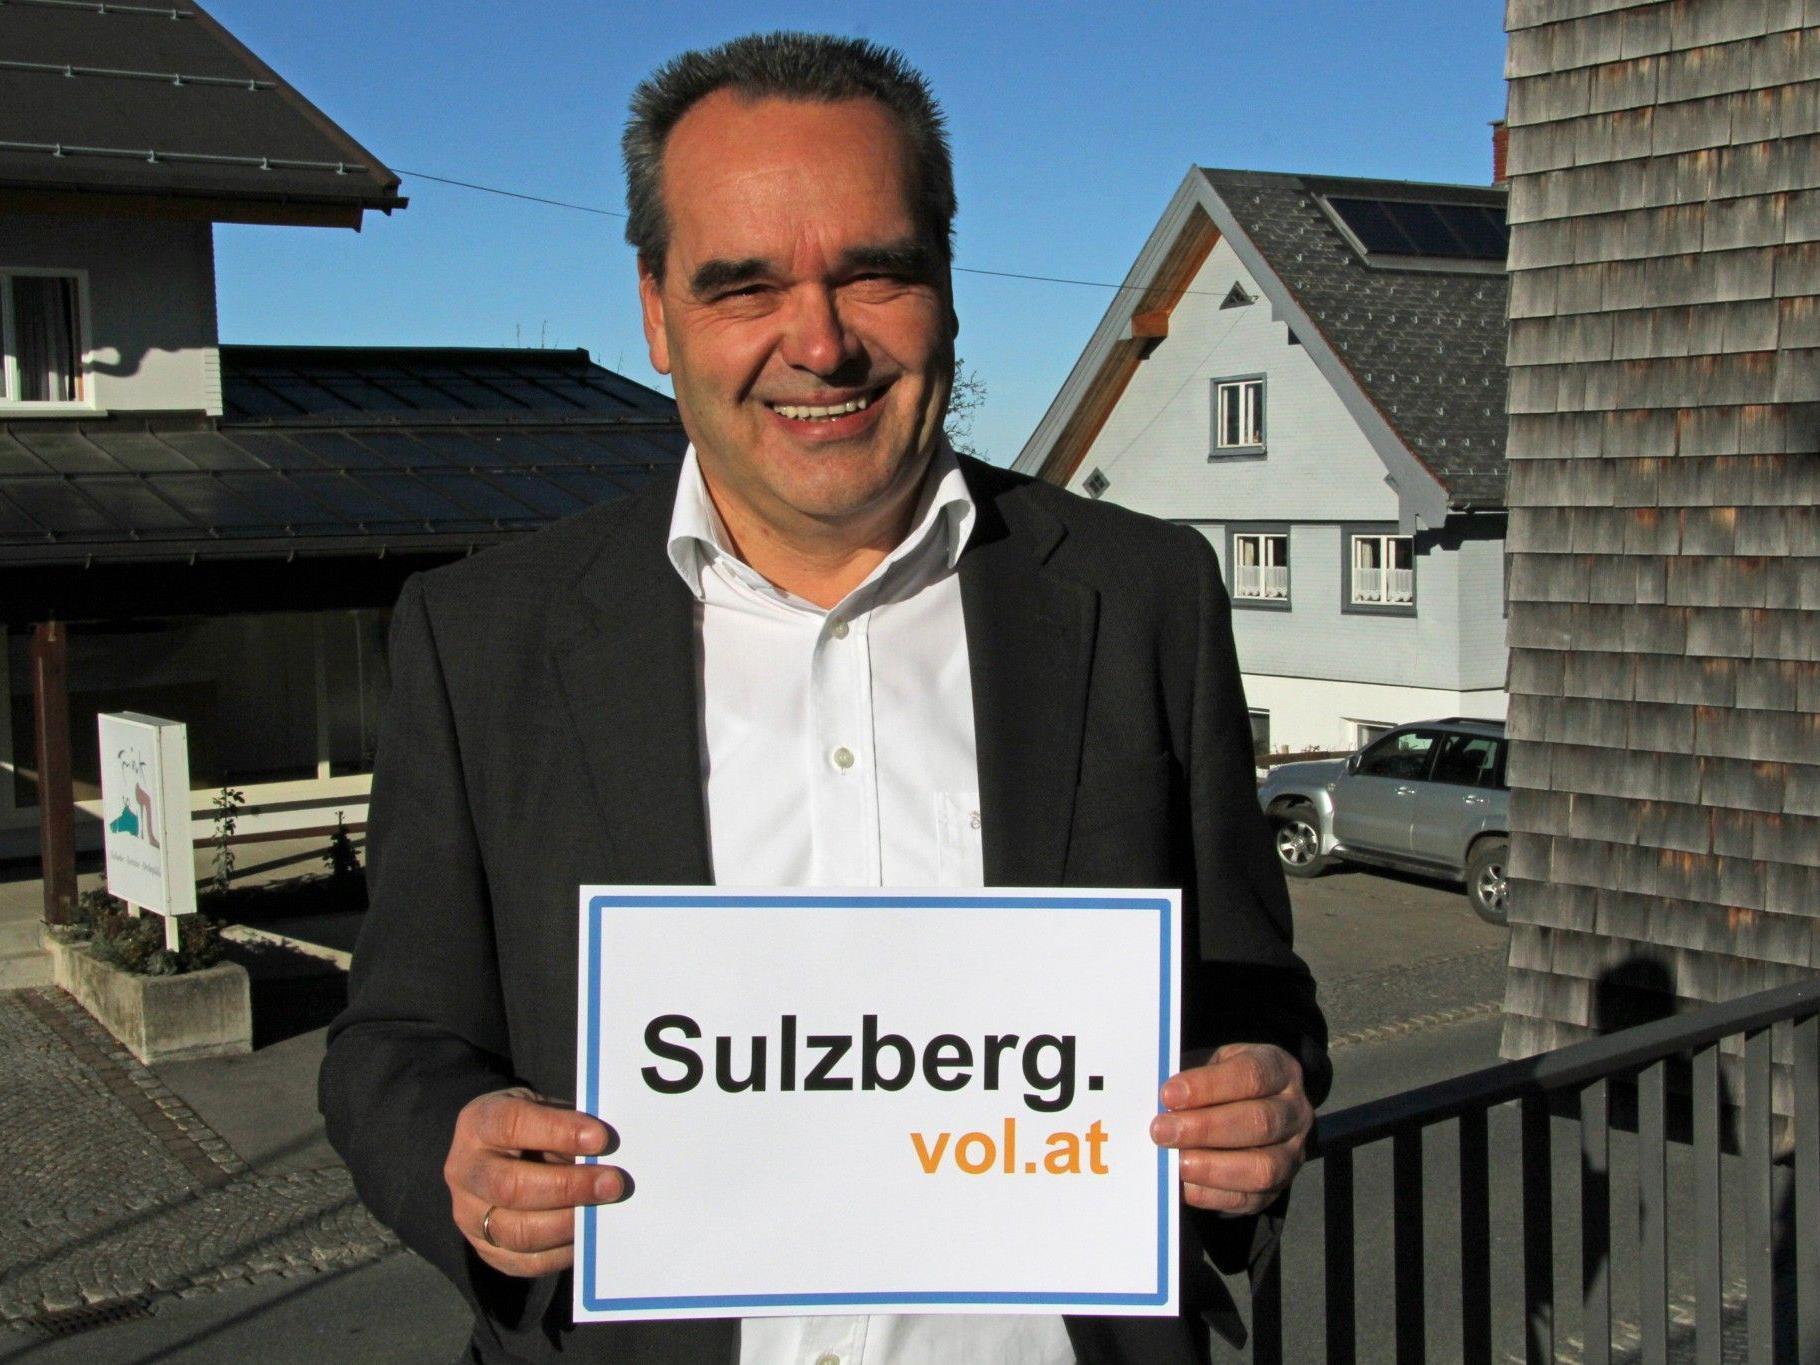 Bürgermeister Helmut Blank im Gespräch mit VOL.AT